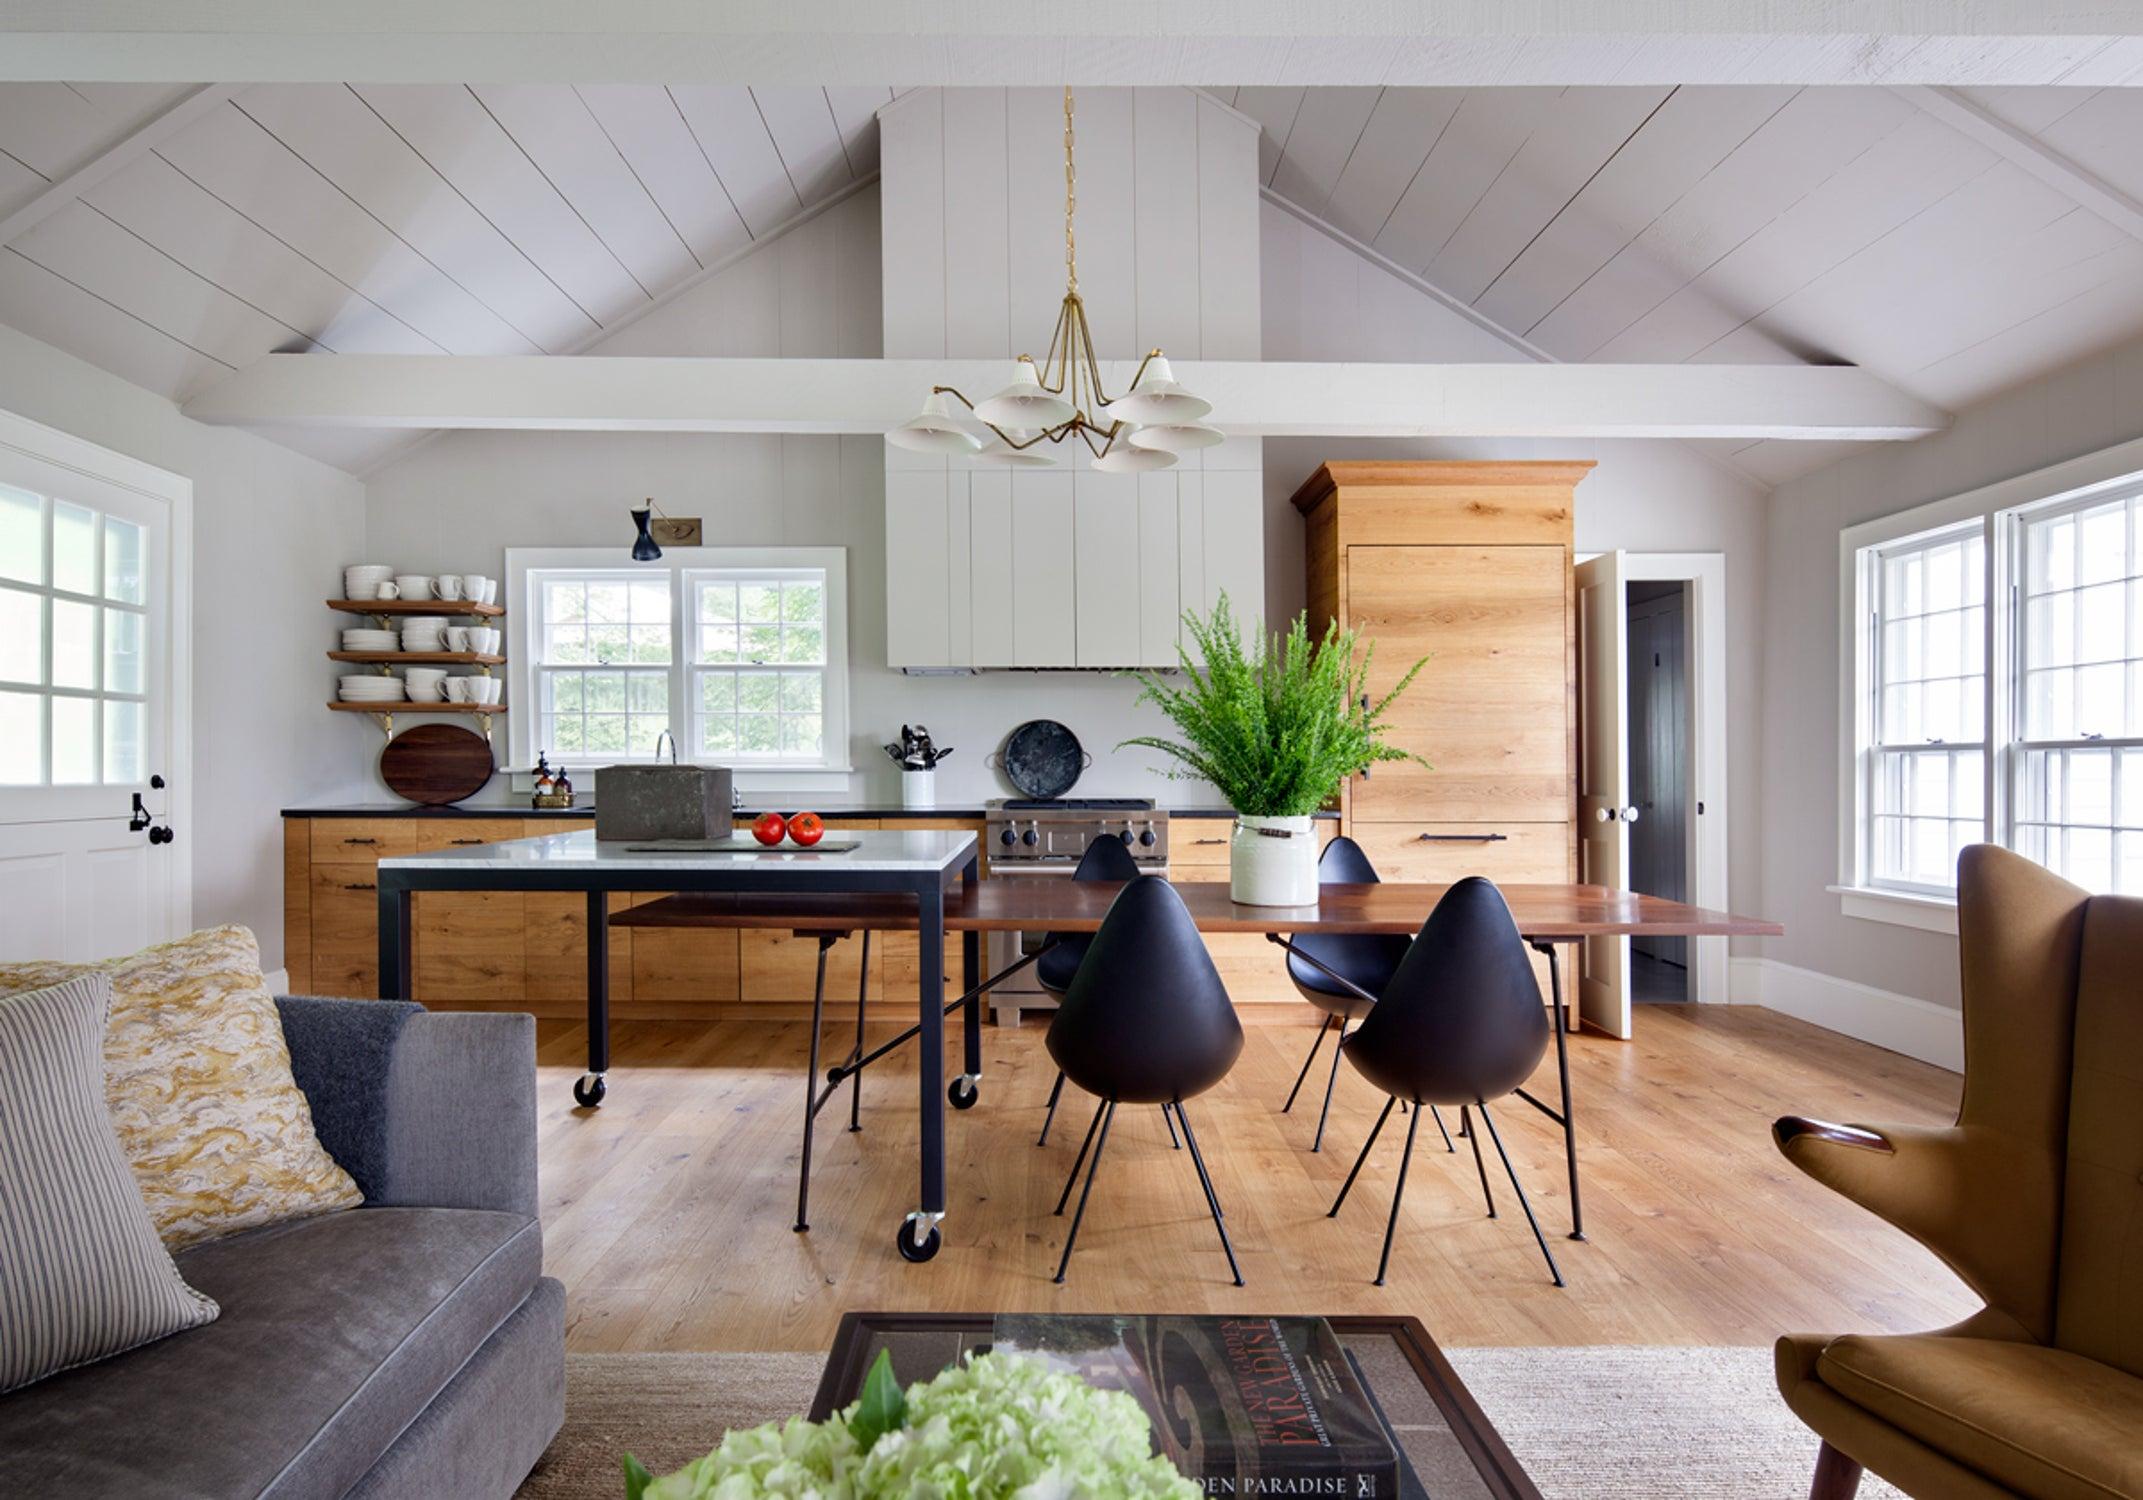 Kitchen by shawn henderson interior design on 1stdibs